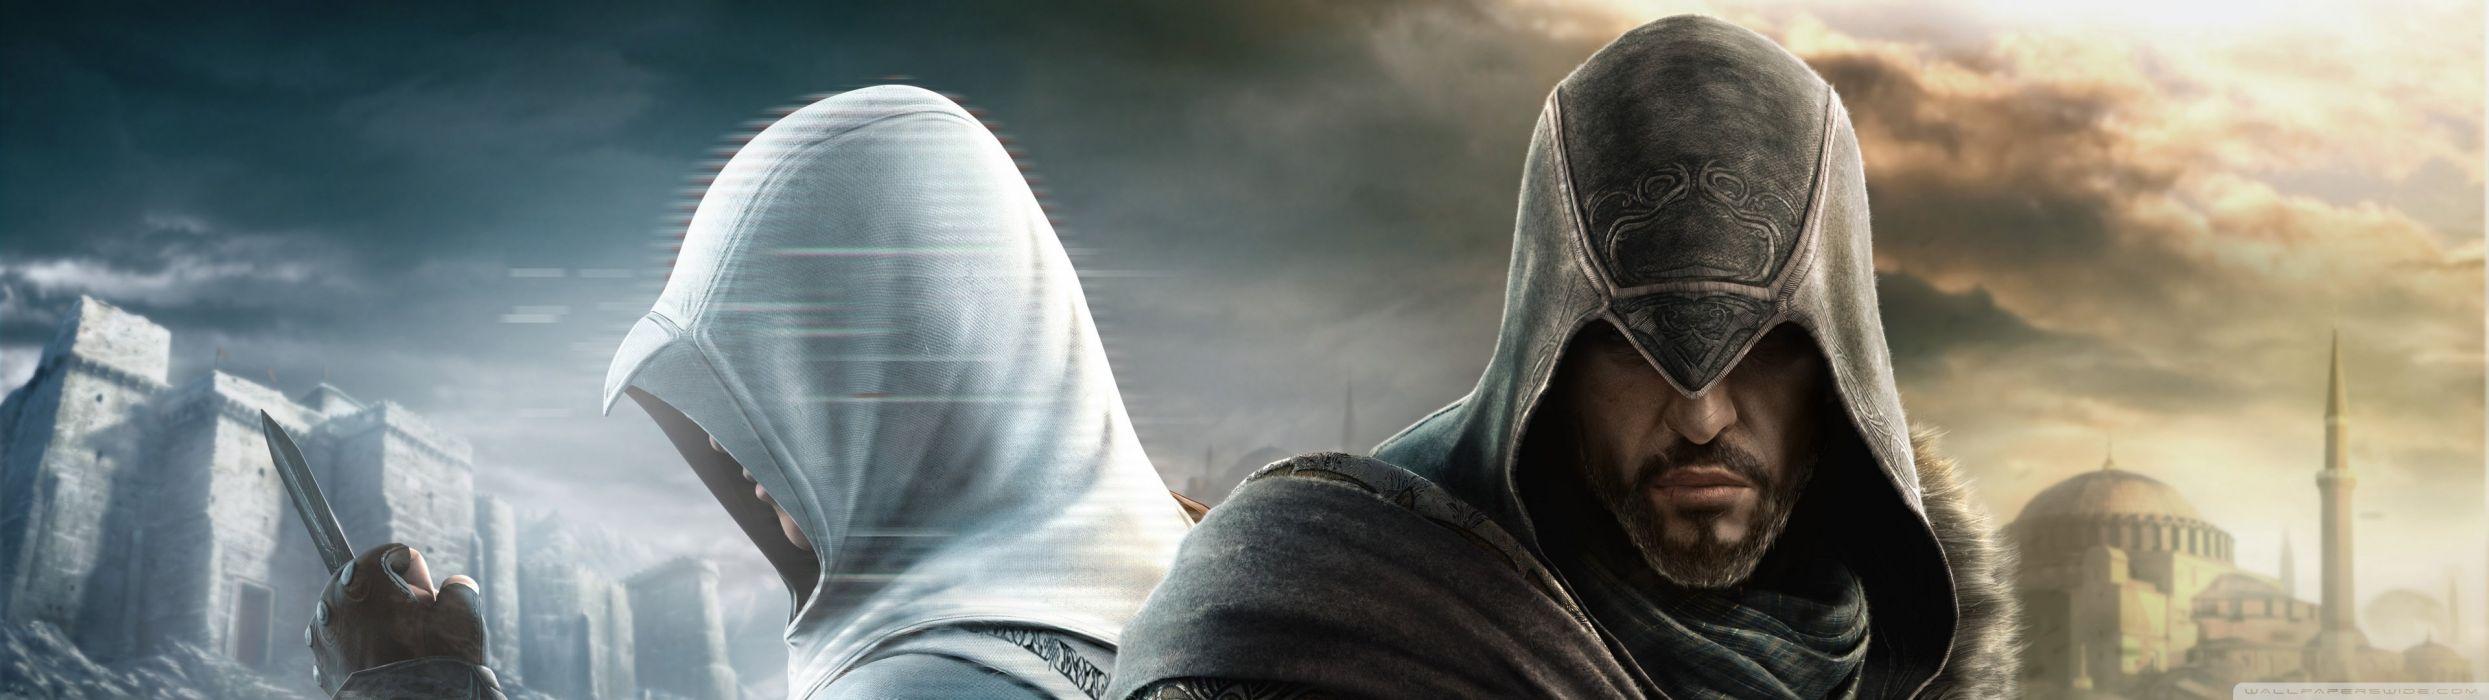 Assassins Creed multiscreen wallpaper